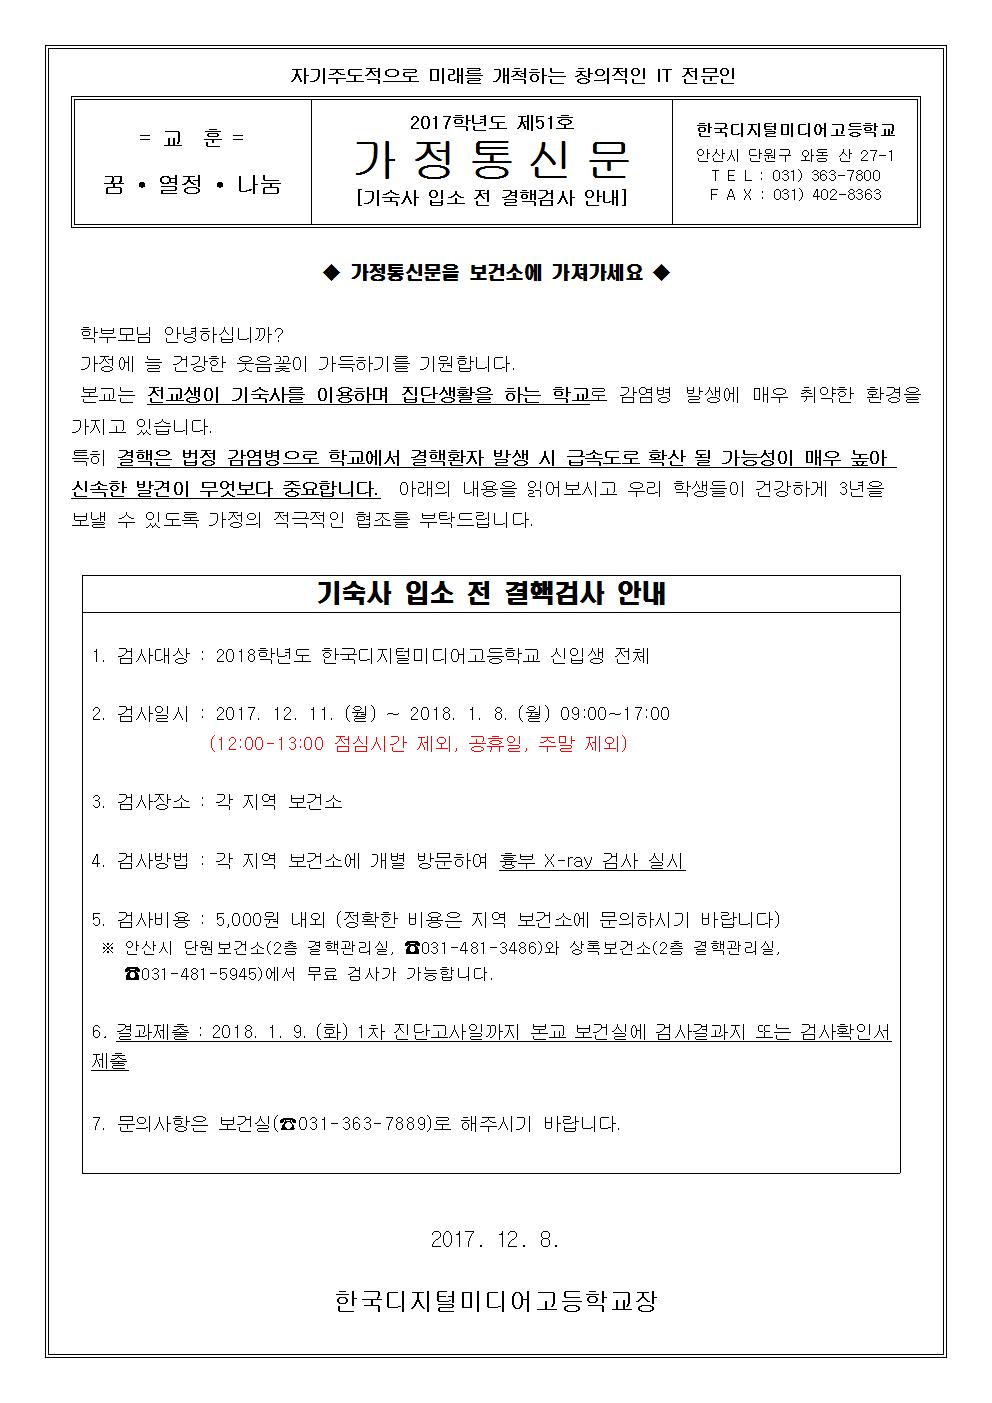 [제51호] 기숙사 입소 전 결핵검사 안내001.png